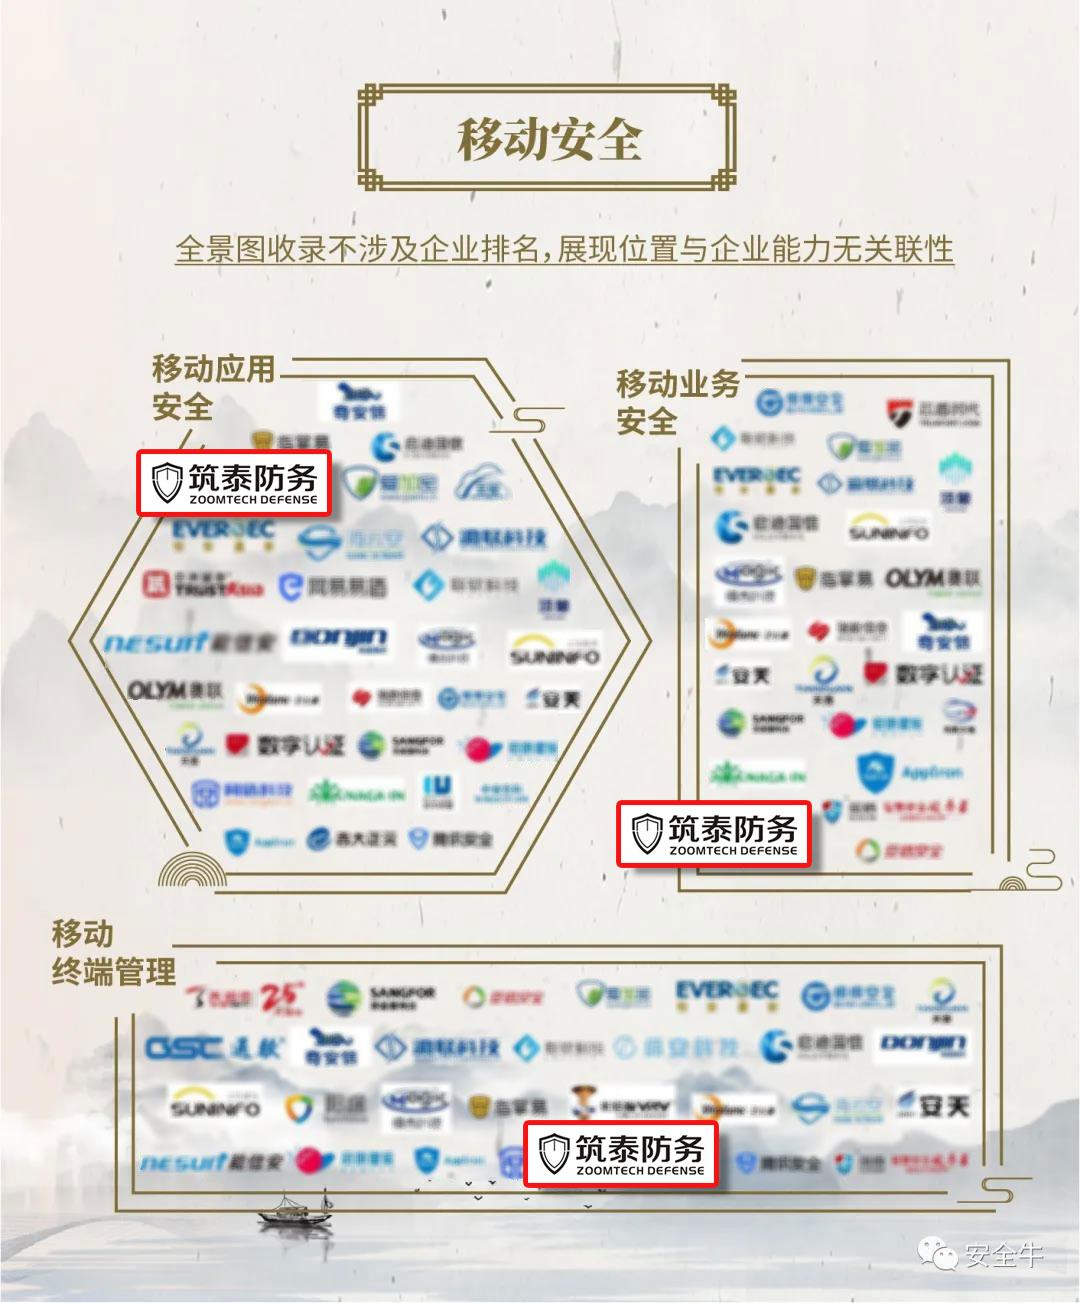 筑泰防务再度上榜中国网络安全行业全景图!